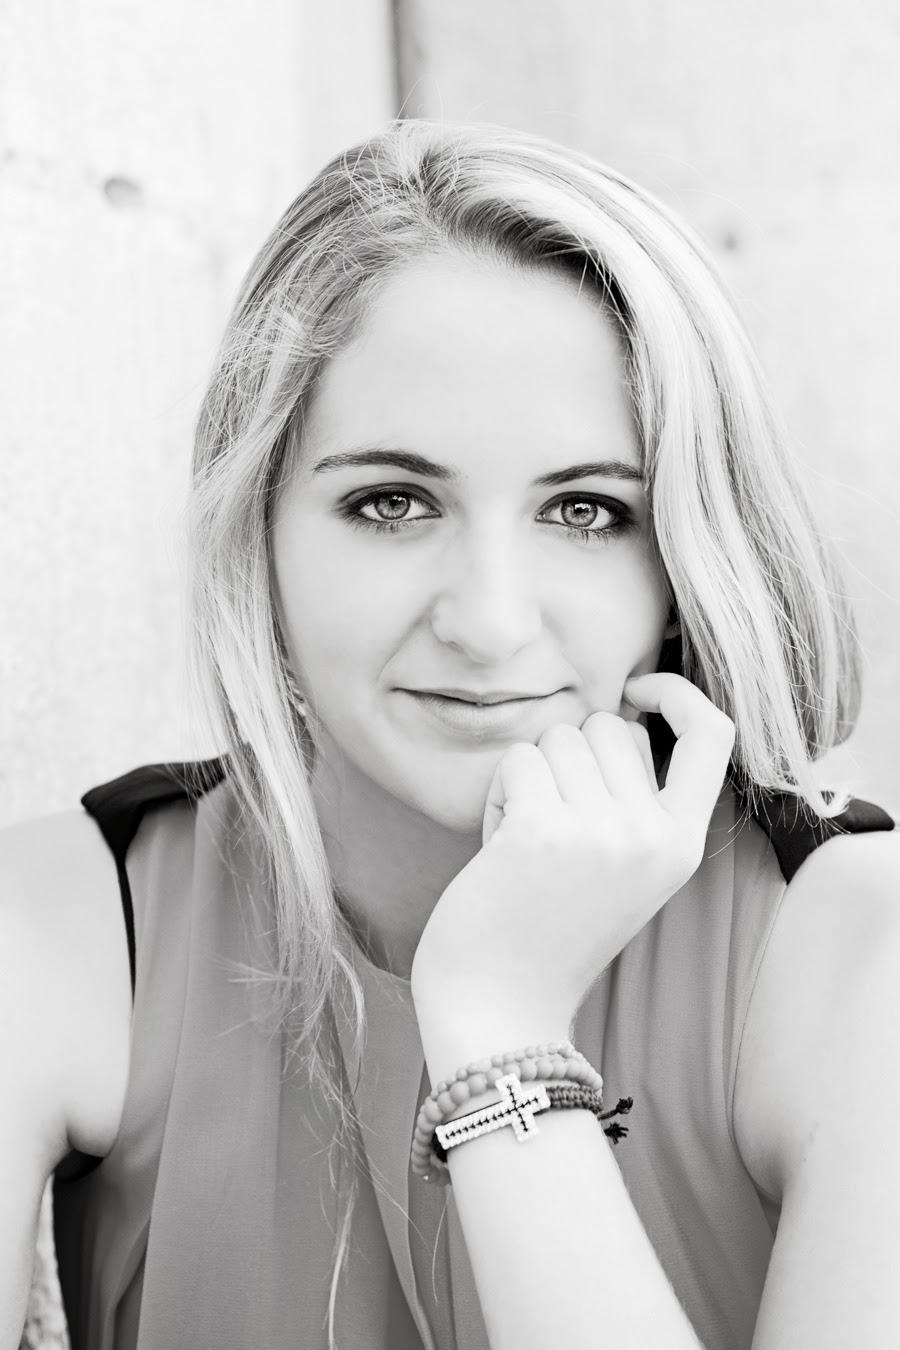 El Diván Azul: 5 trucos para mejorar tu fotografía de retrato; mirada